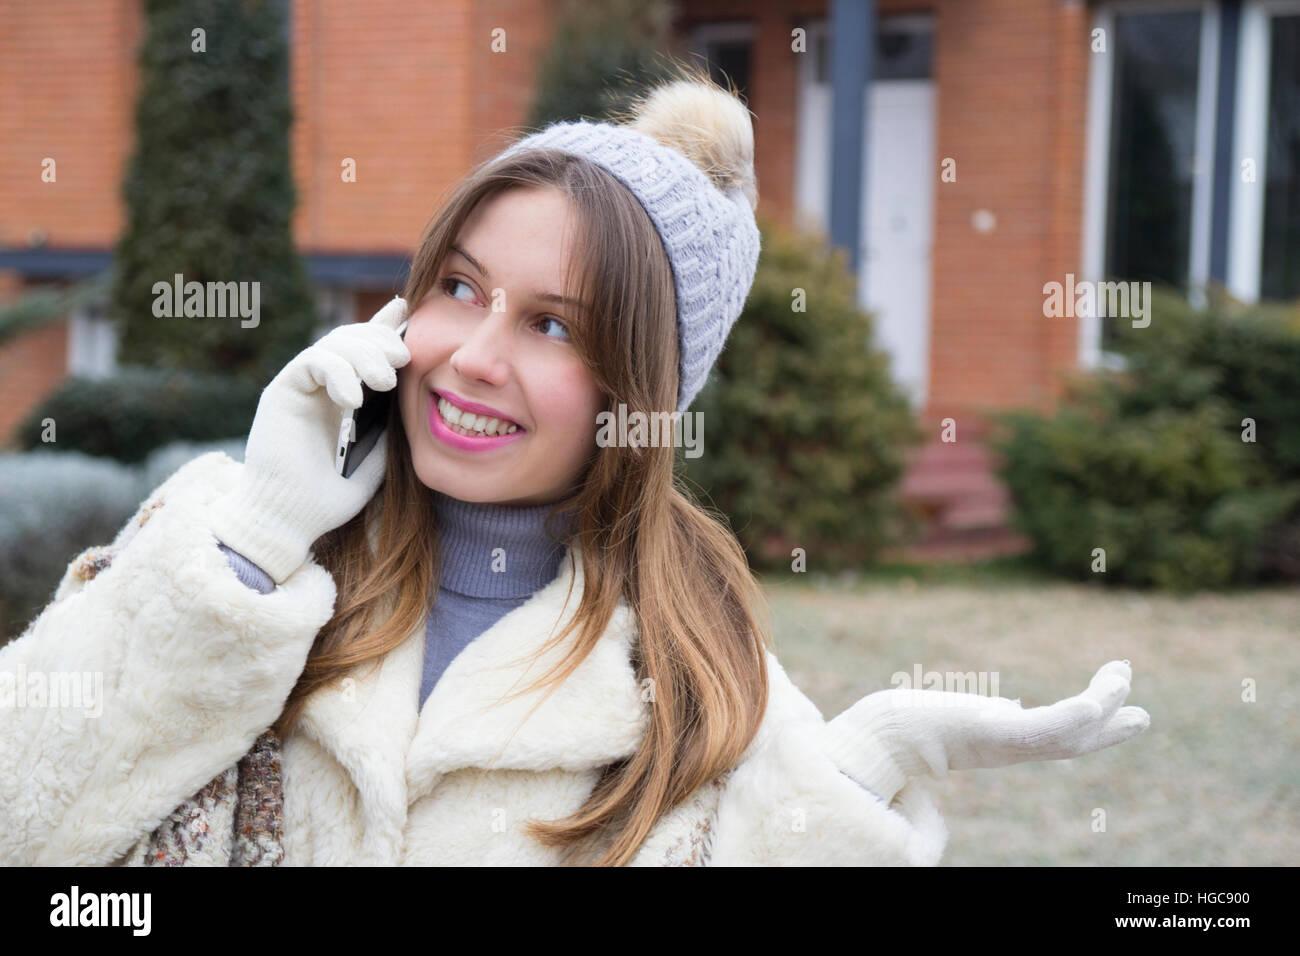 Chica joven hablando por el teléfono móvil y caminar Imagen De Stock